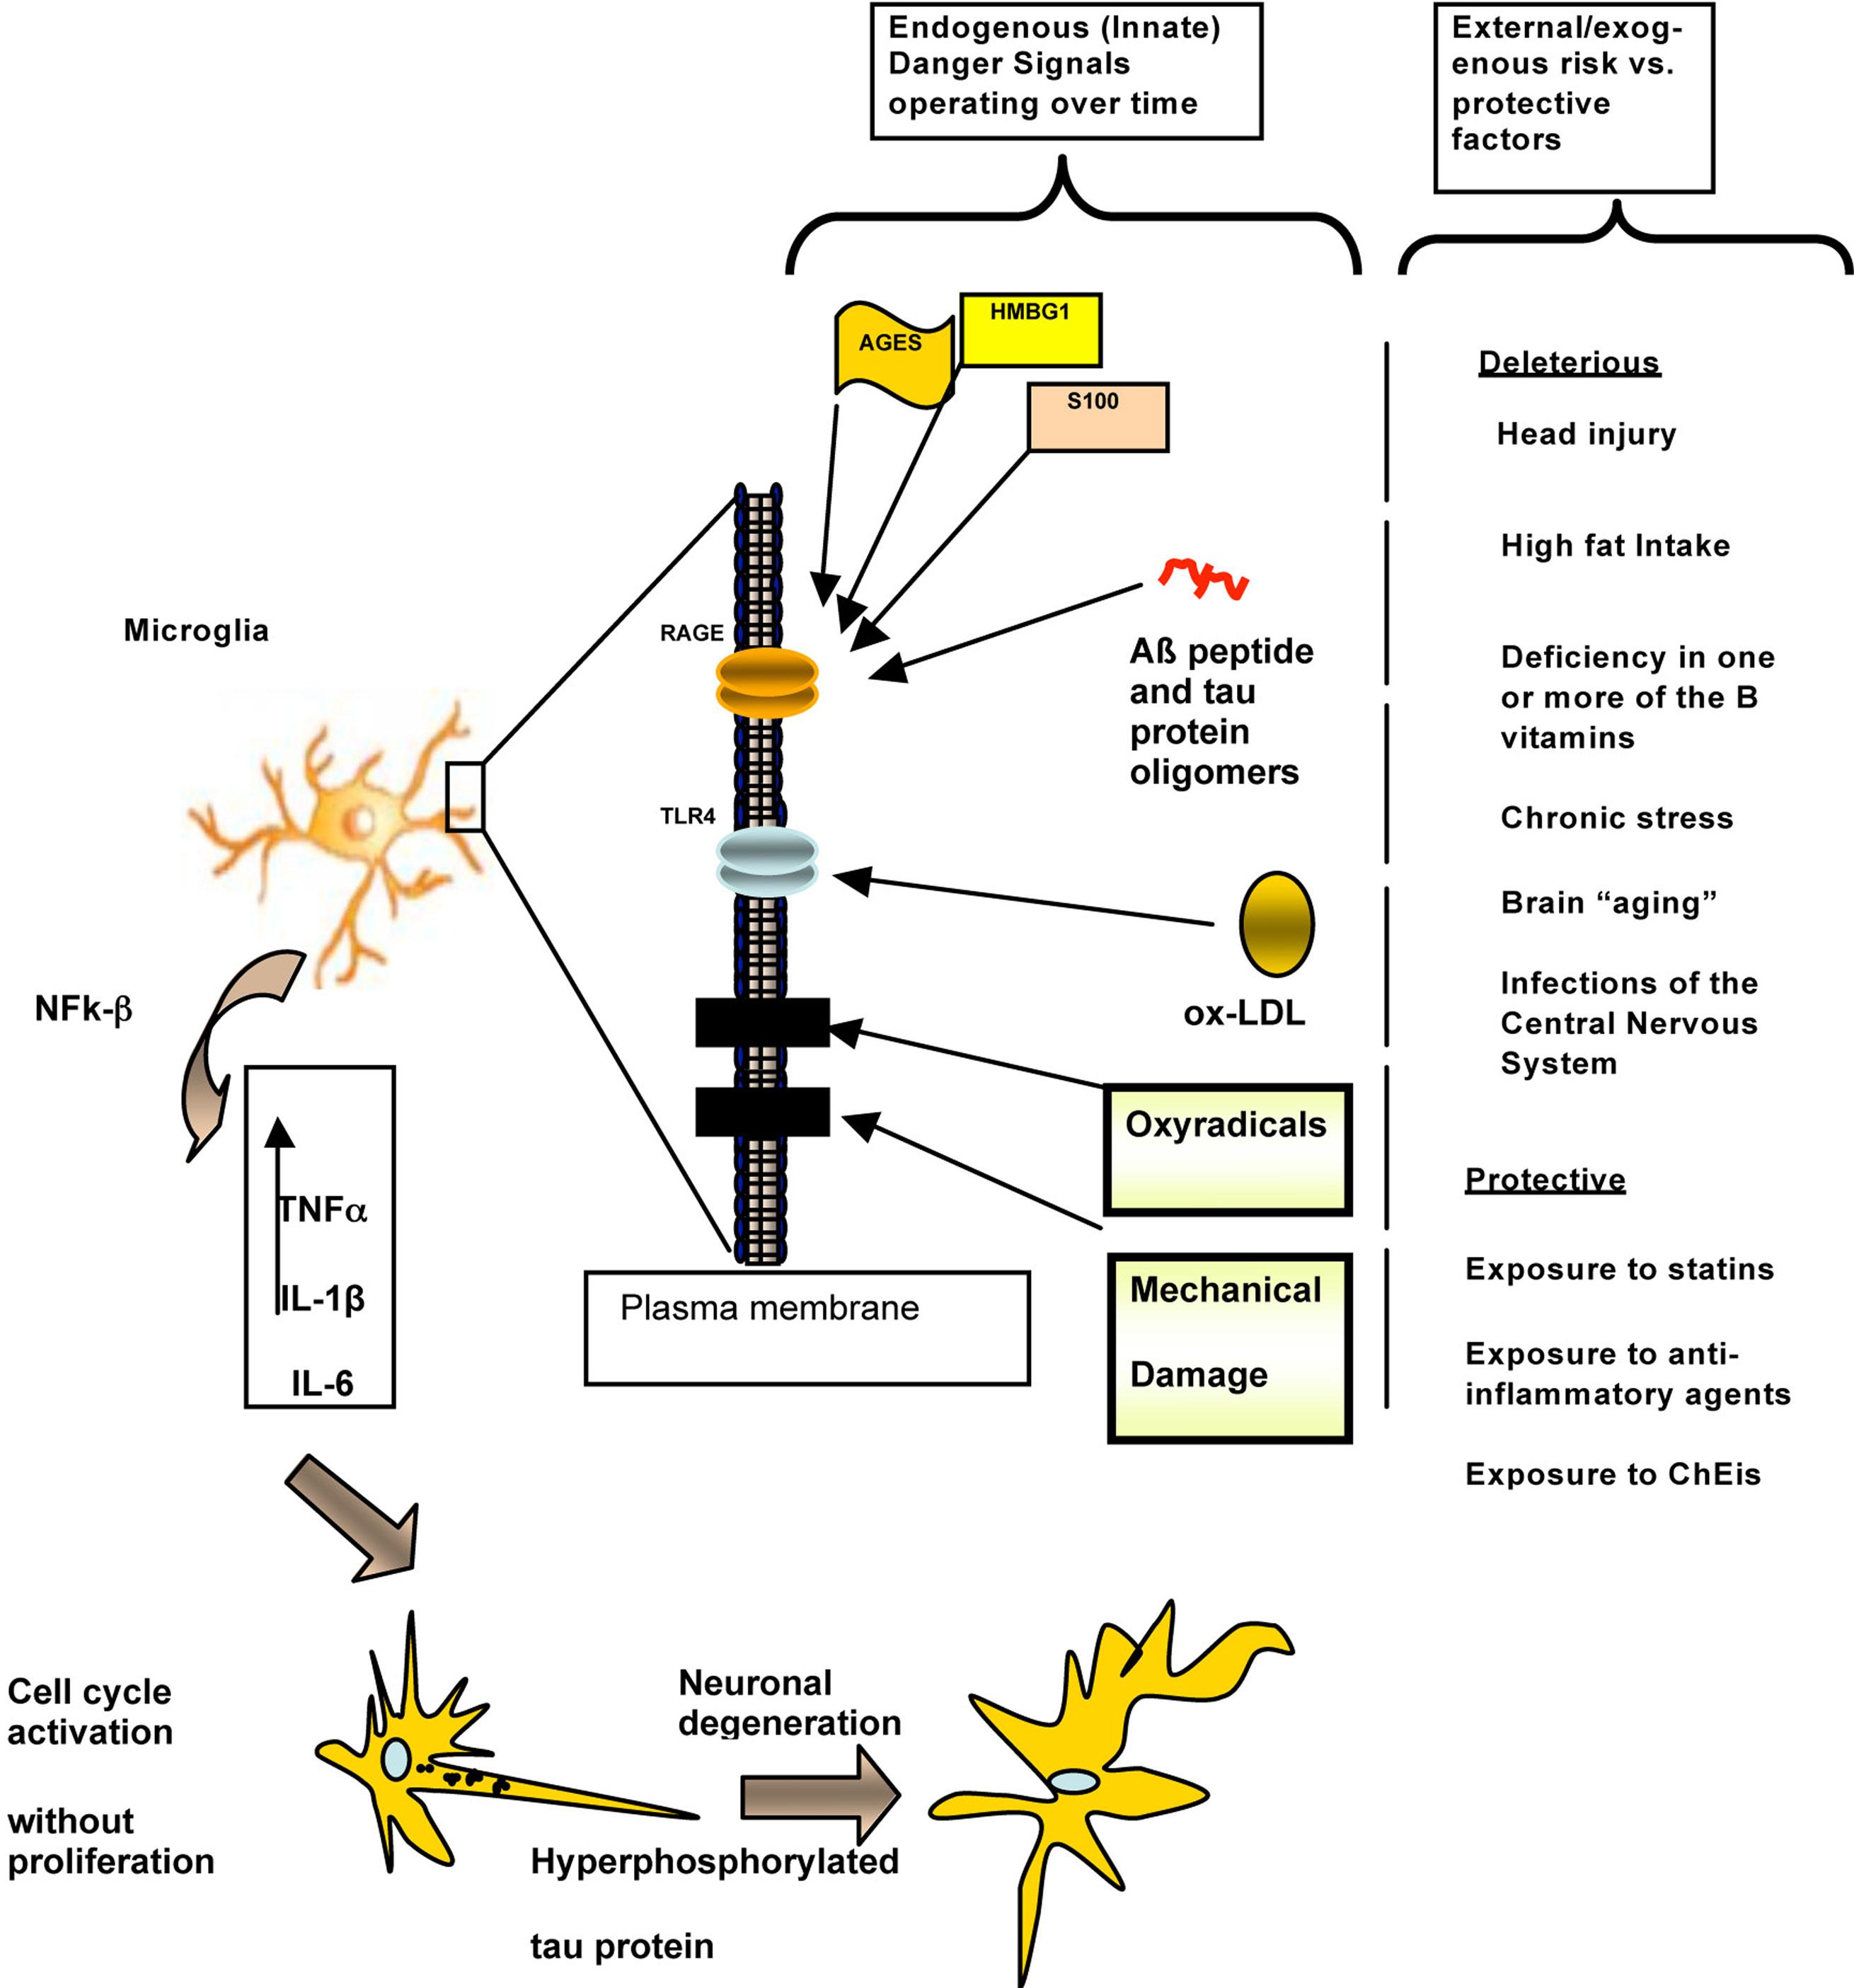 frontiers integrative understanding of emergent brain